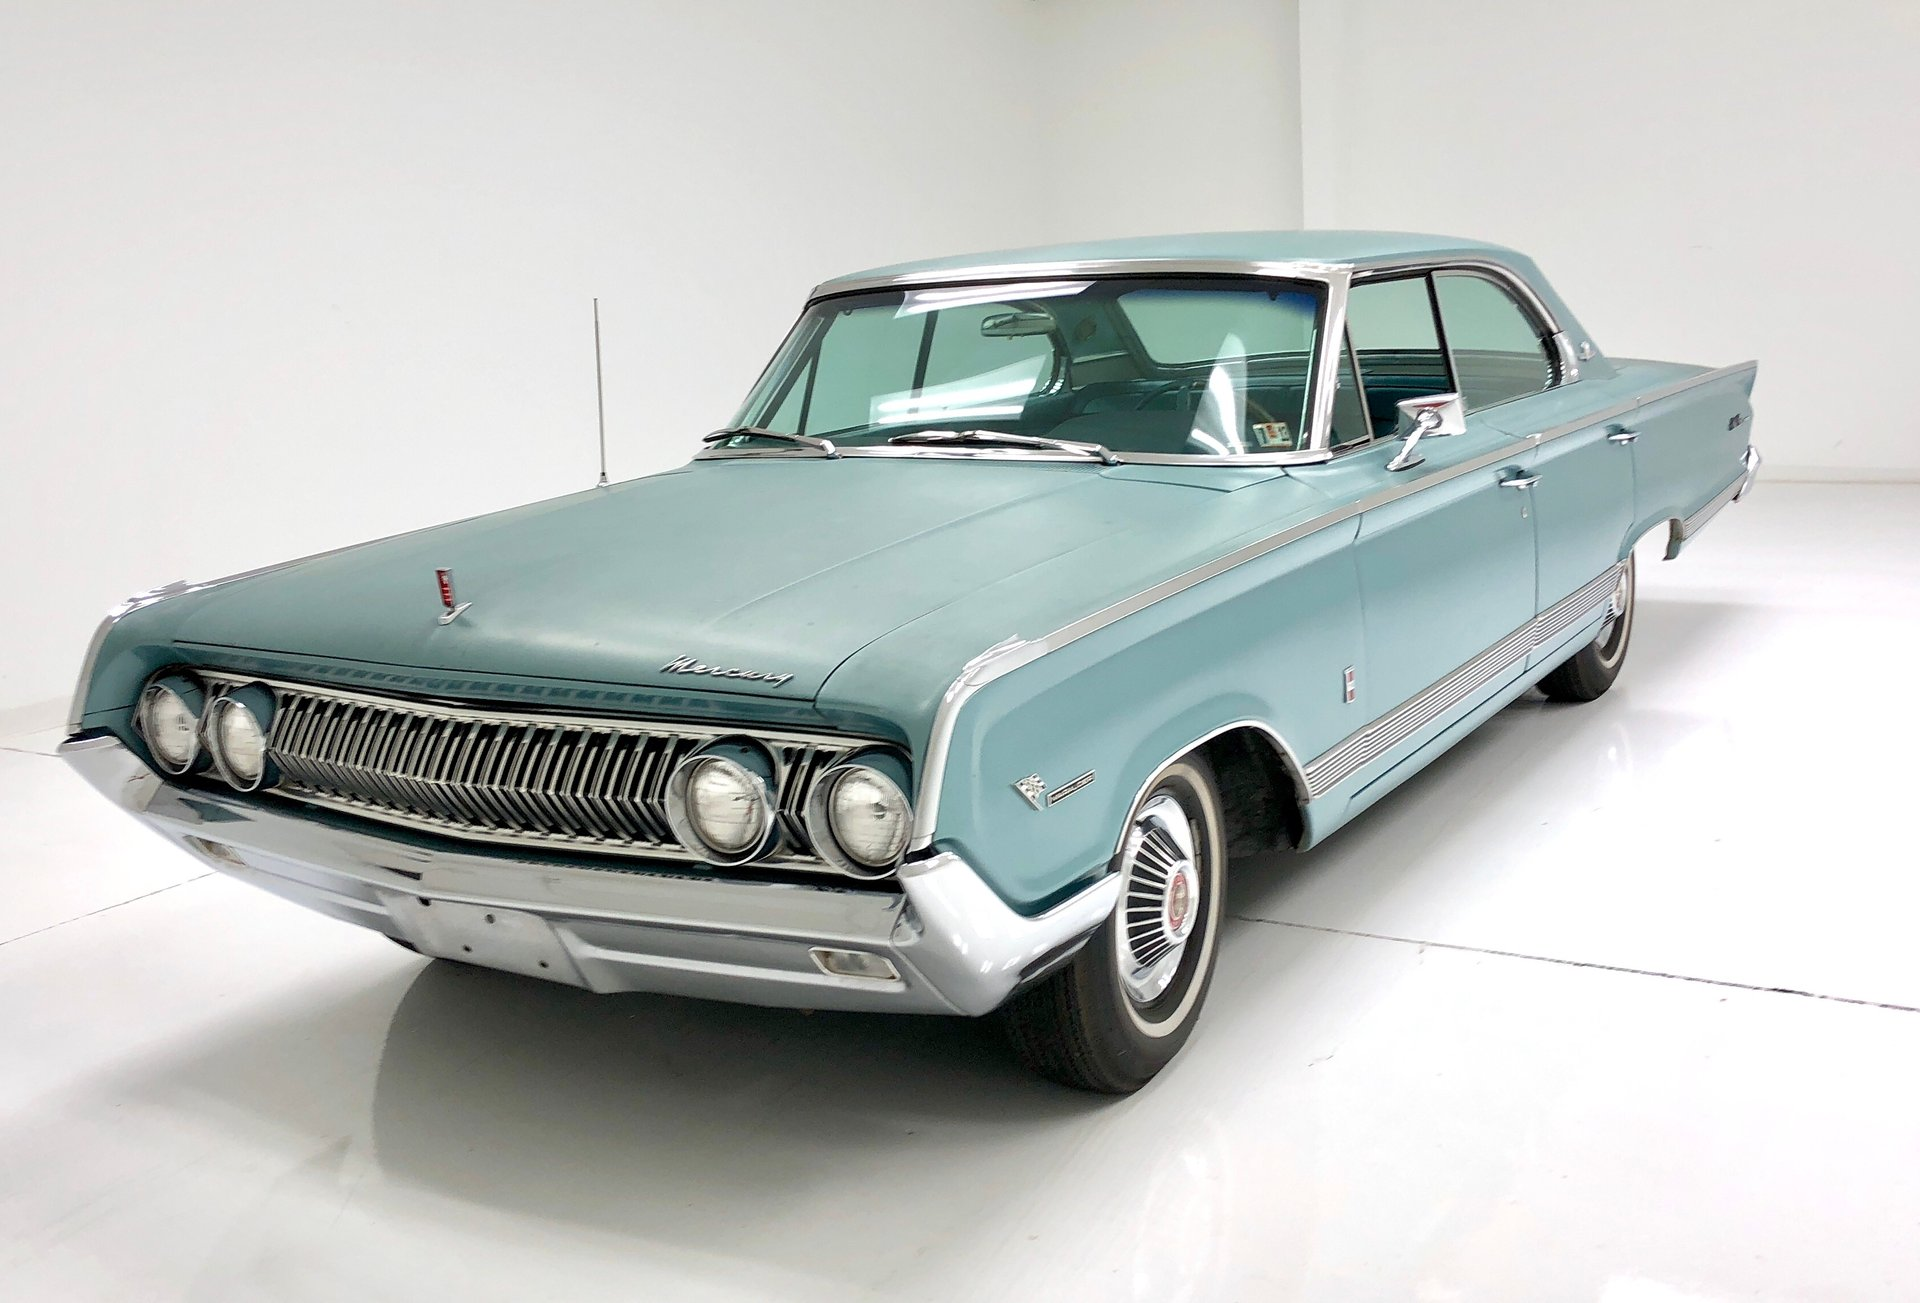 1964 Mercury Parklane